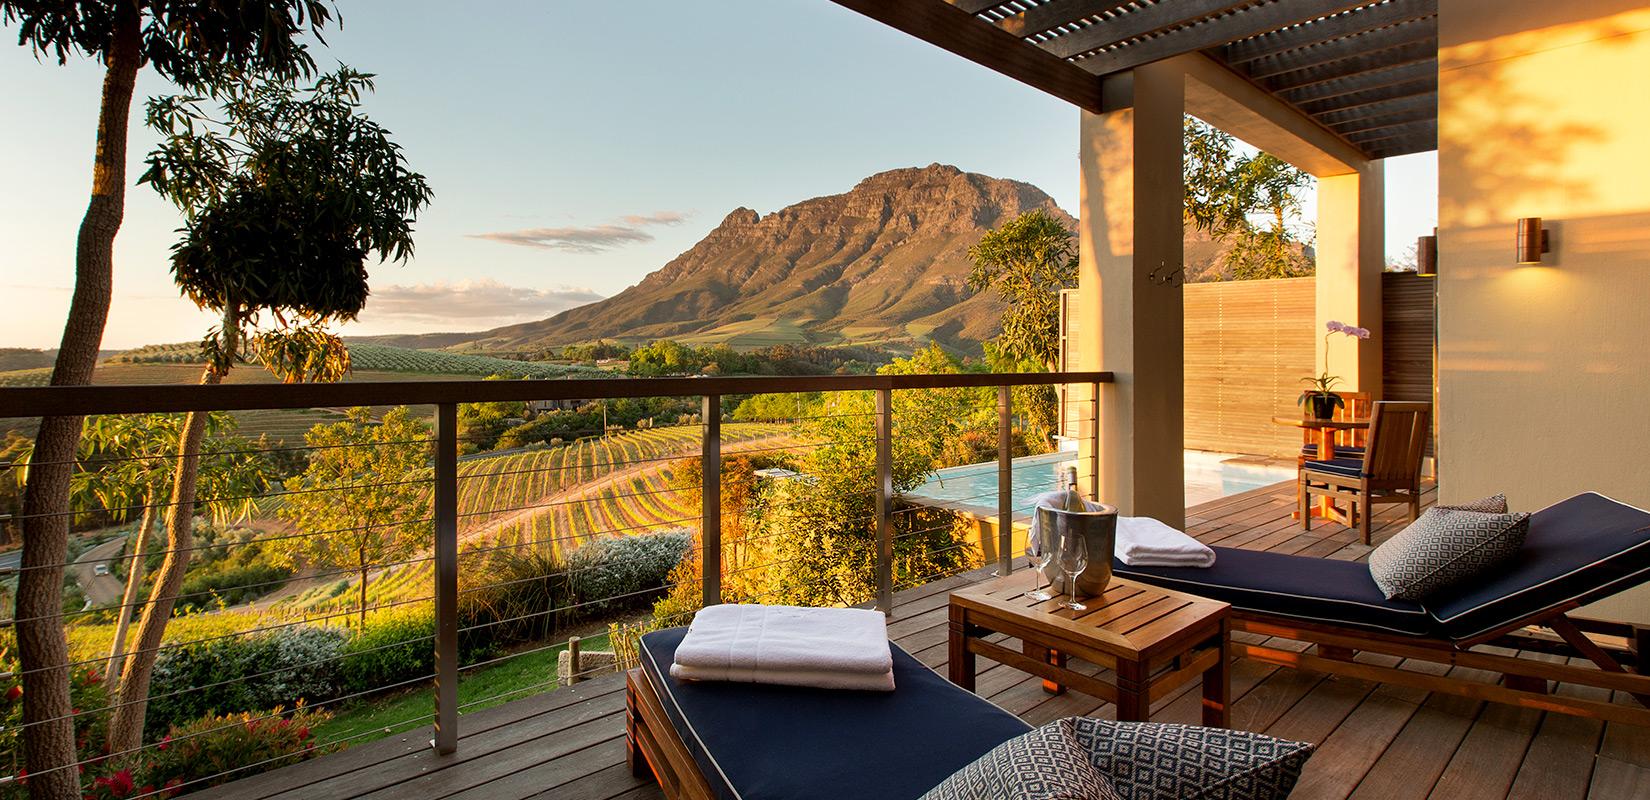 Delaire-Graff-Luxury-Vineyard-Lodge-